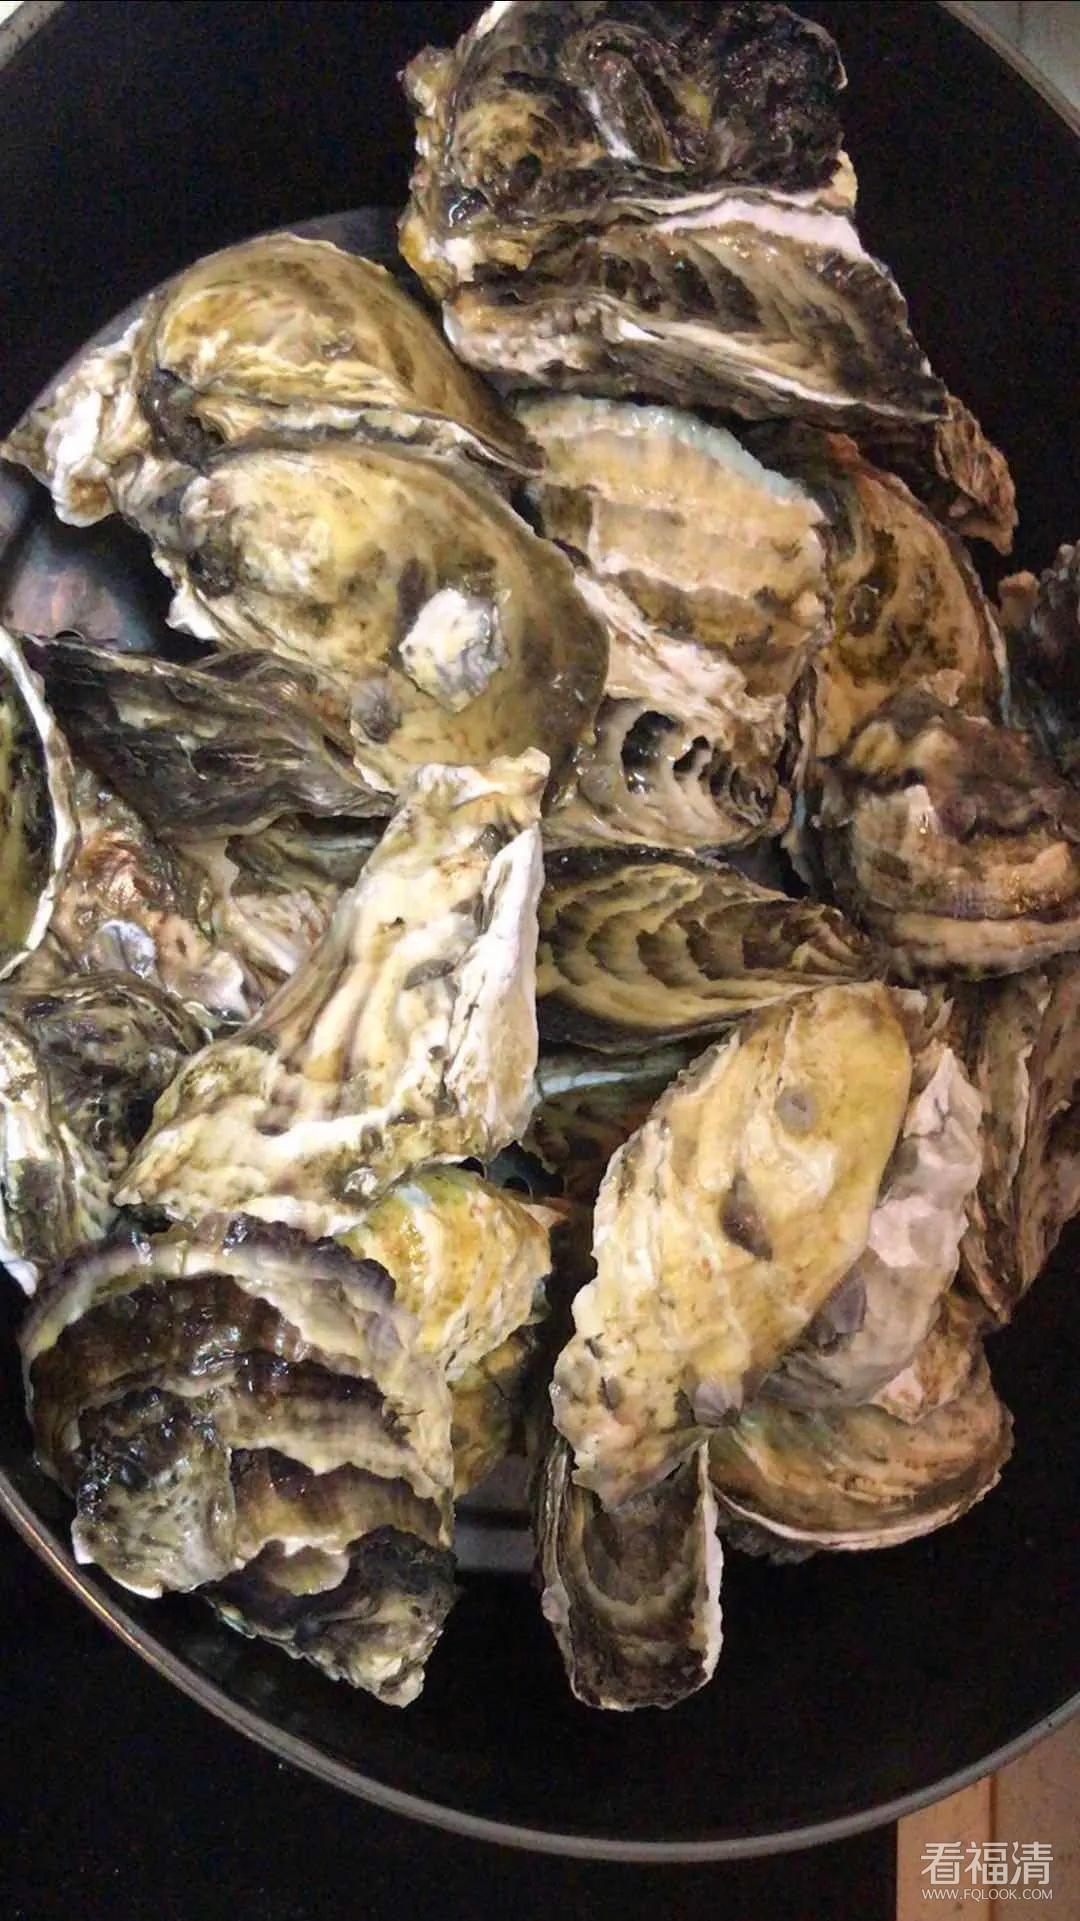 紧急扩散!这类海鲜被检出毒素超标!福建人常吃